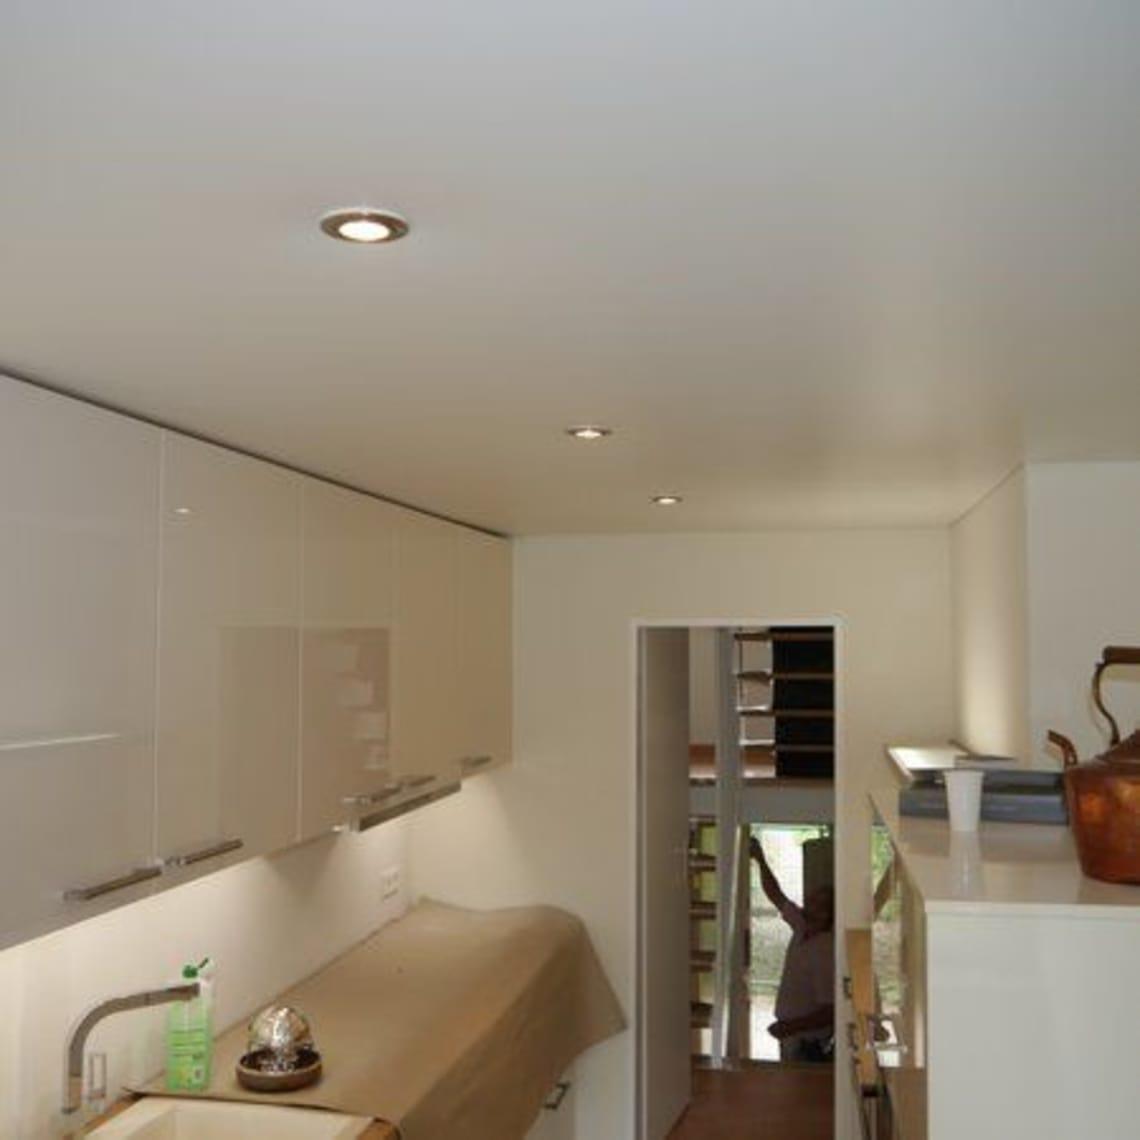 Küche mit Spanndecke und integrierter Beleuchtung